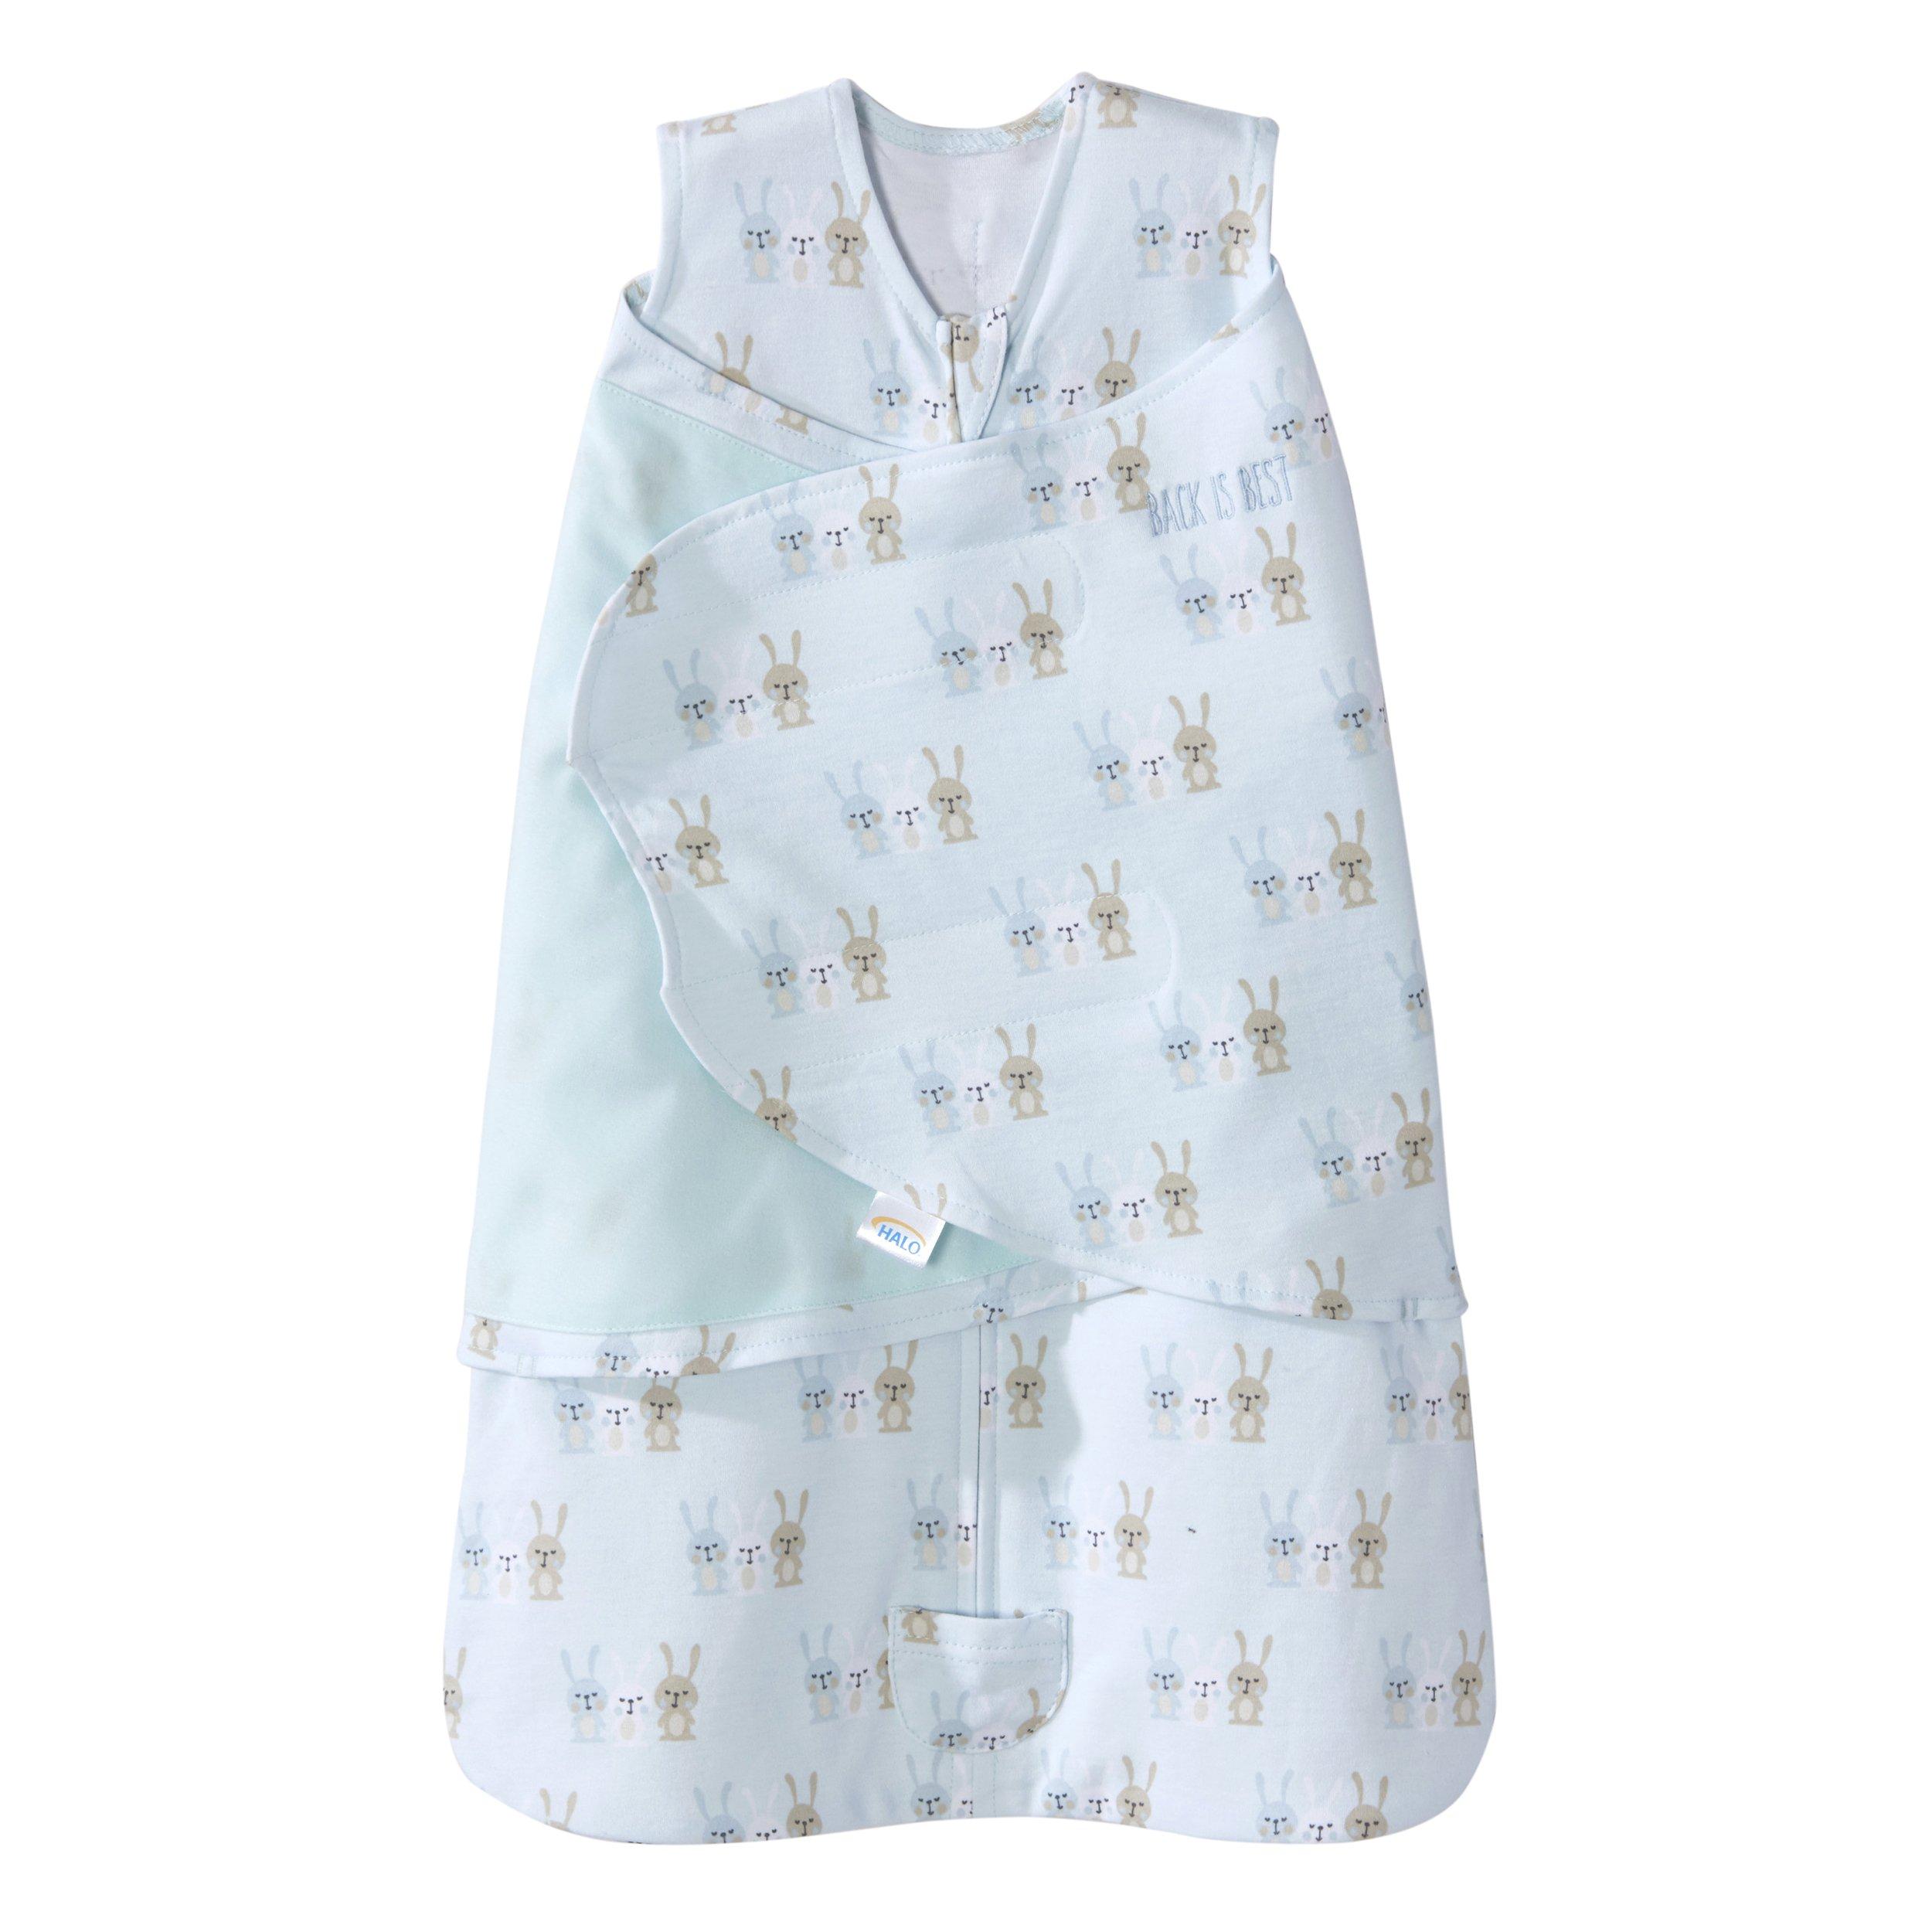 HALO Sleepsack Swaddle Cotton 3 Bunnies Baby Blue, Size NB